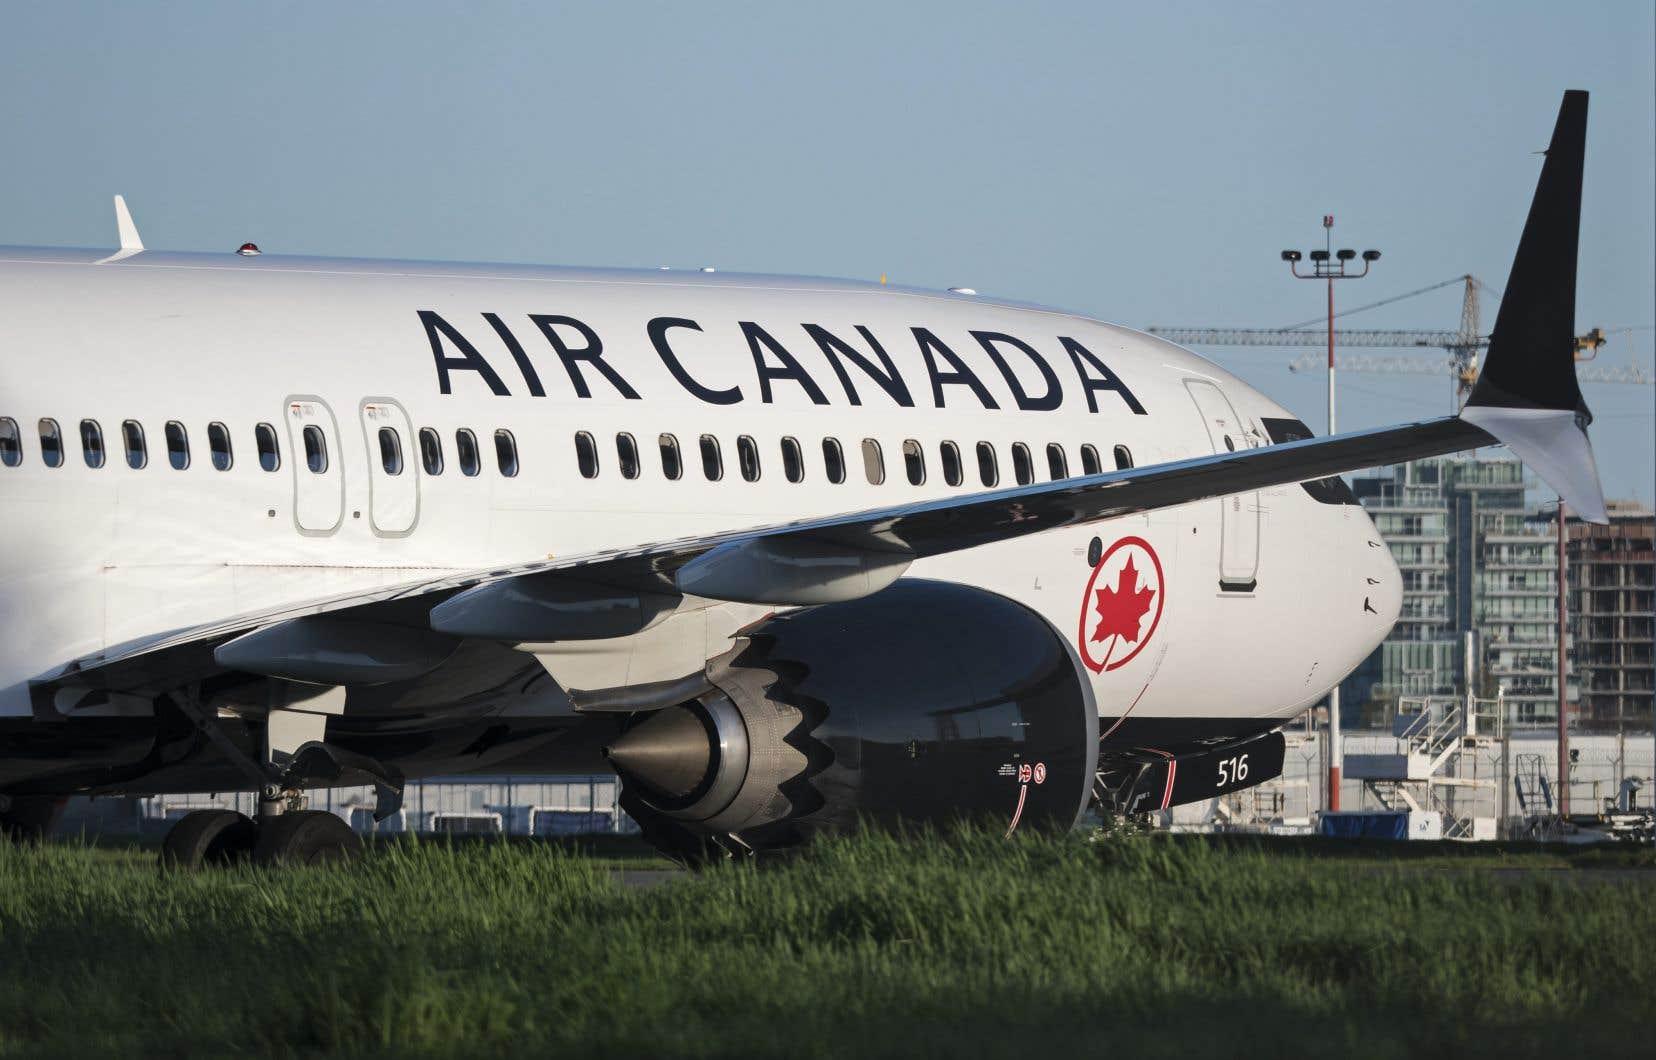 Air Canada compte actuellement 24 Boeing 737 MAX 8 dans sa flotte, y compris les neuf qu'elle a vendus et loués.